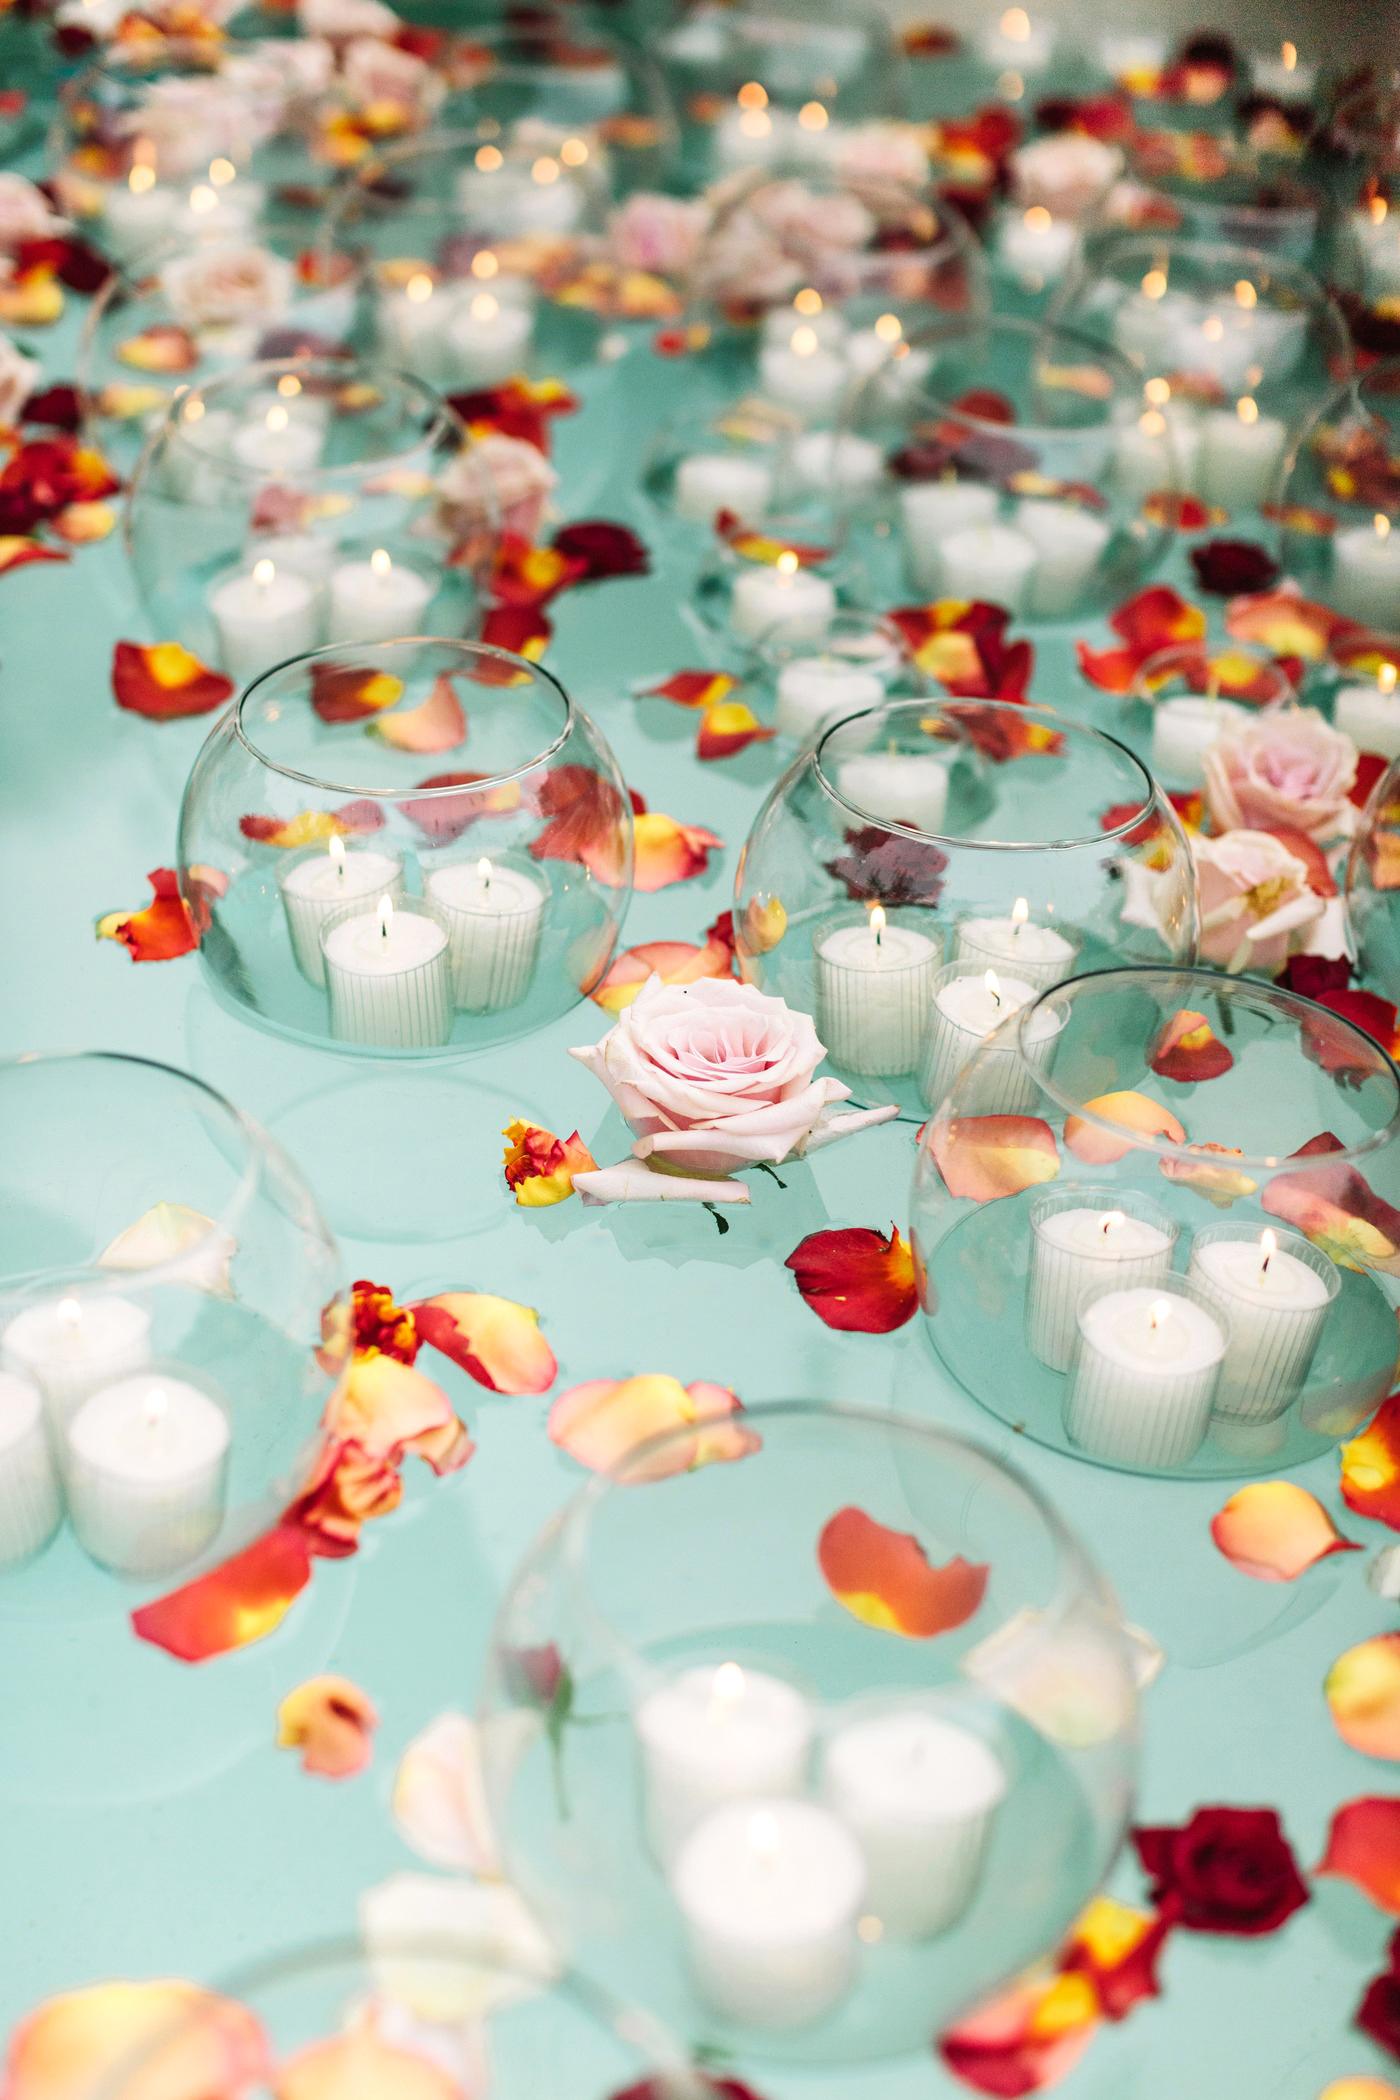 regina chris wedding floating petals candles